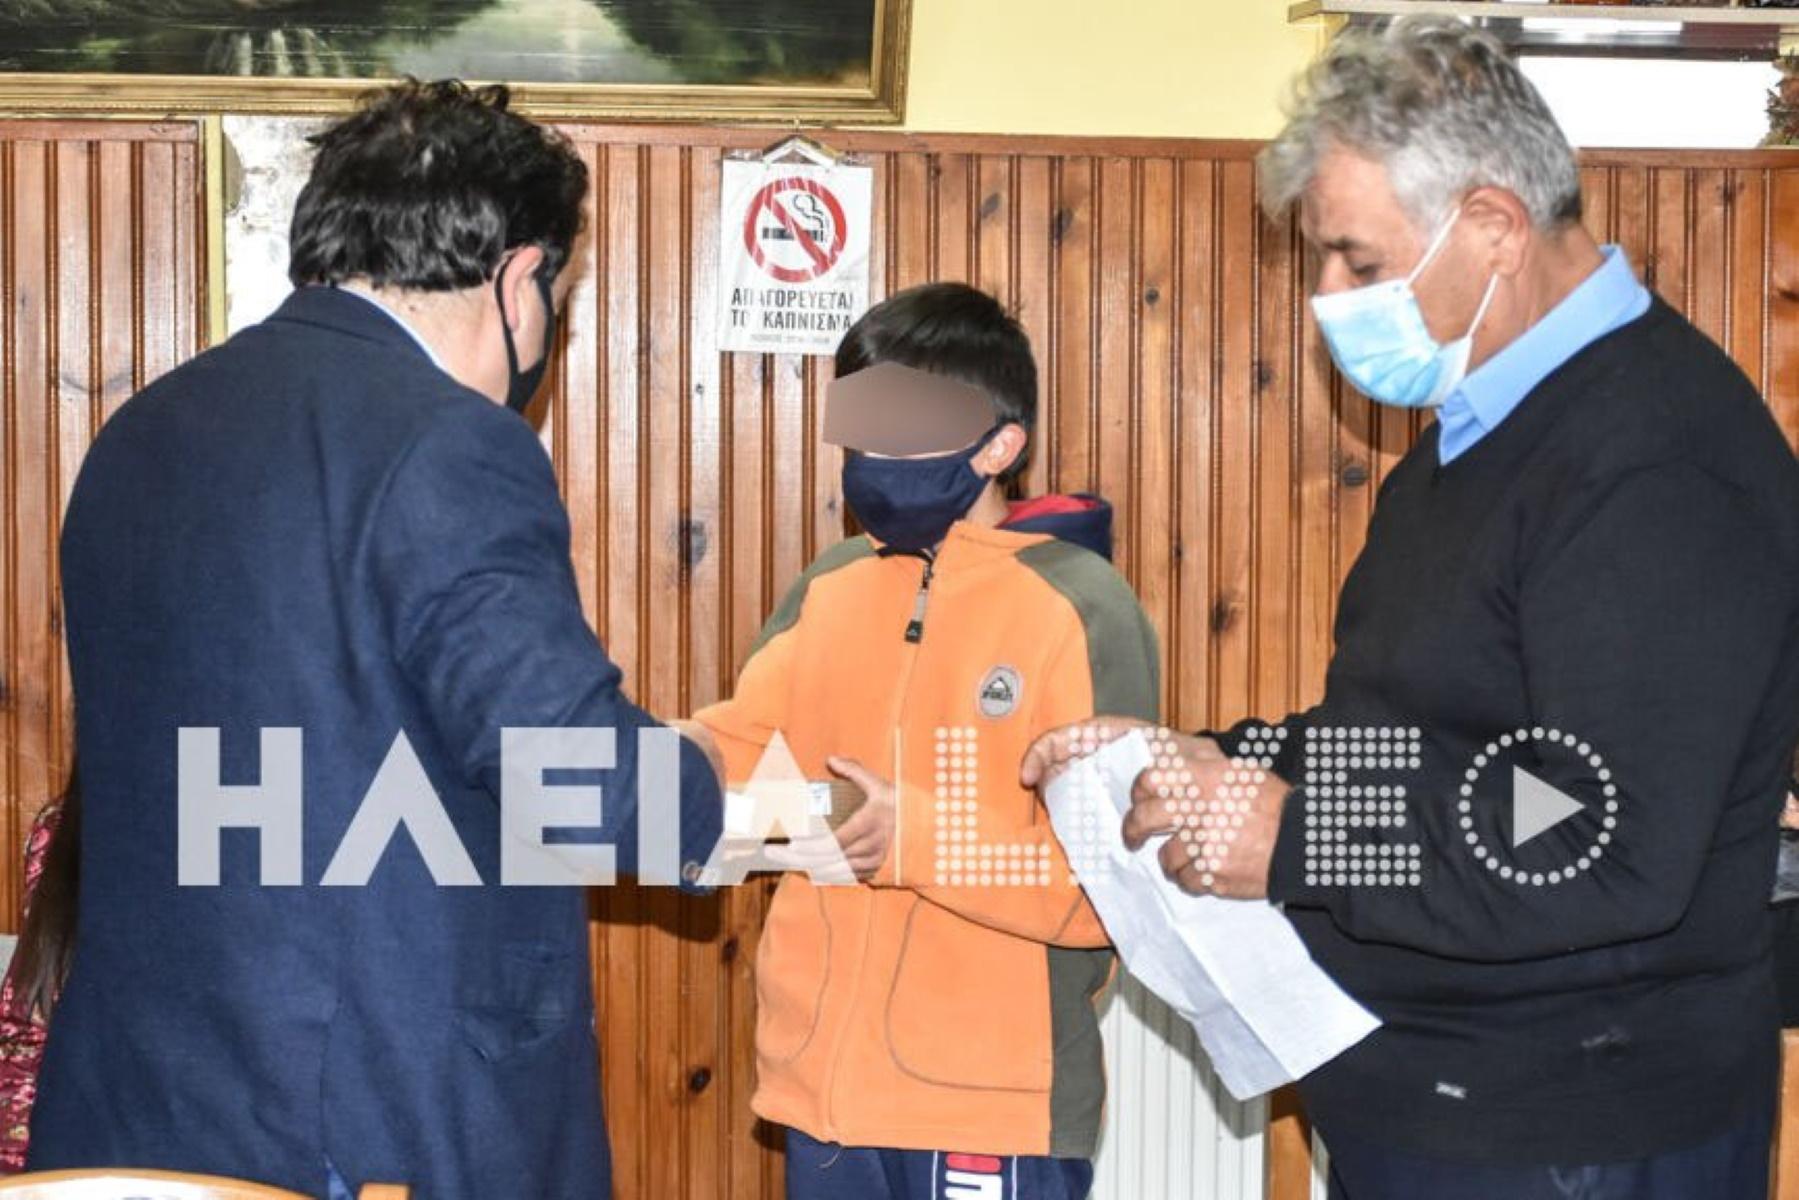 Πύργος: Τάμπλετ με σύνδεση στους μαθητές της Πεύκης μετά τον σάλο που προκλήθηκε